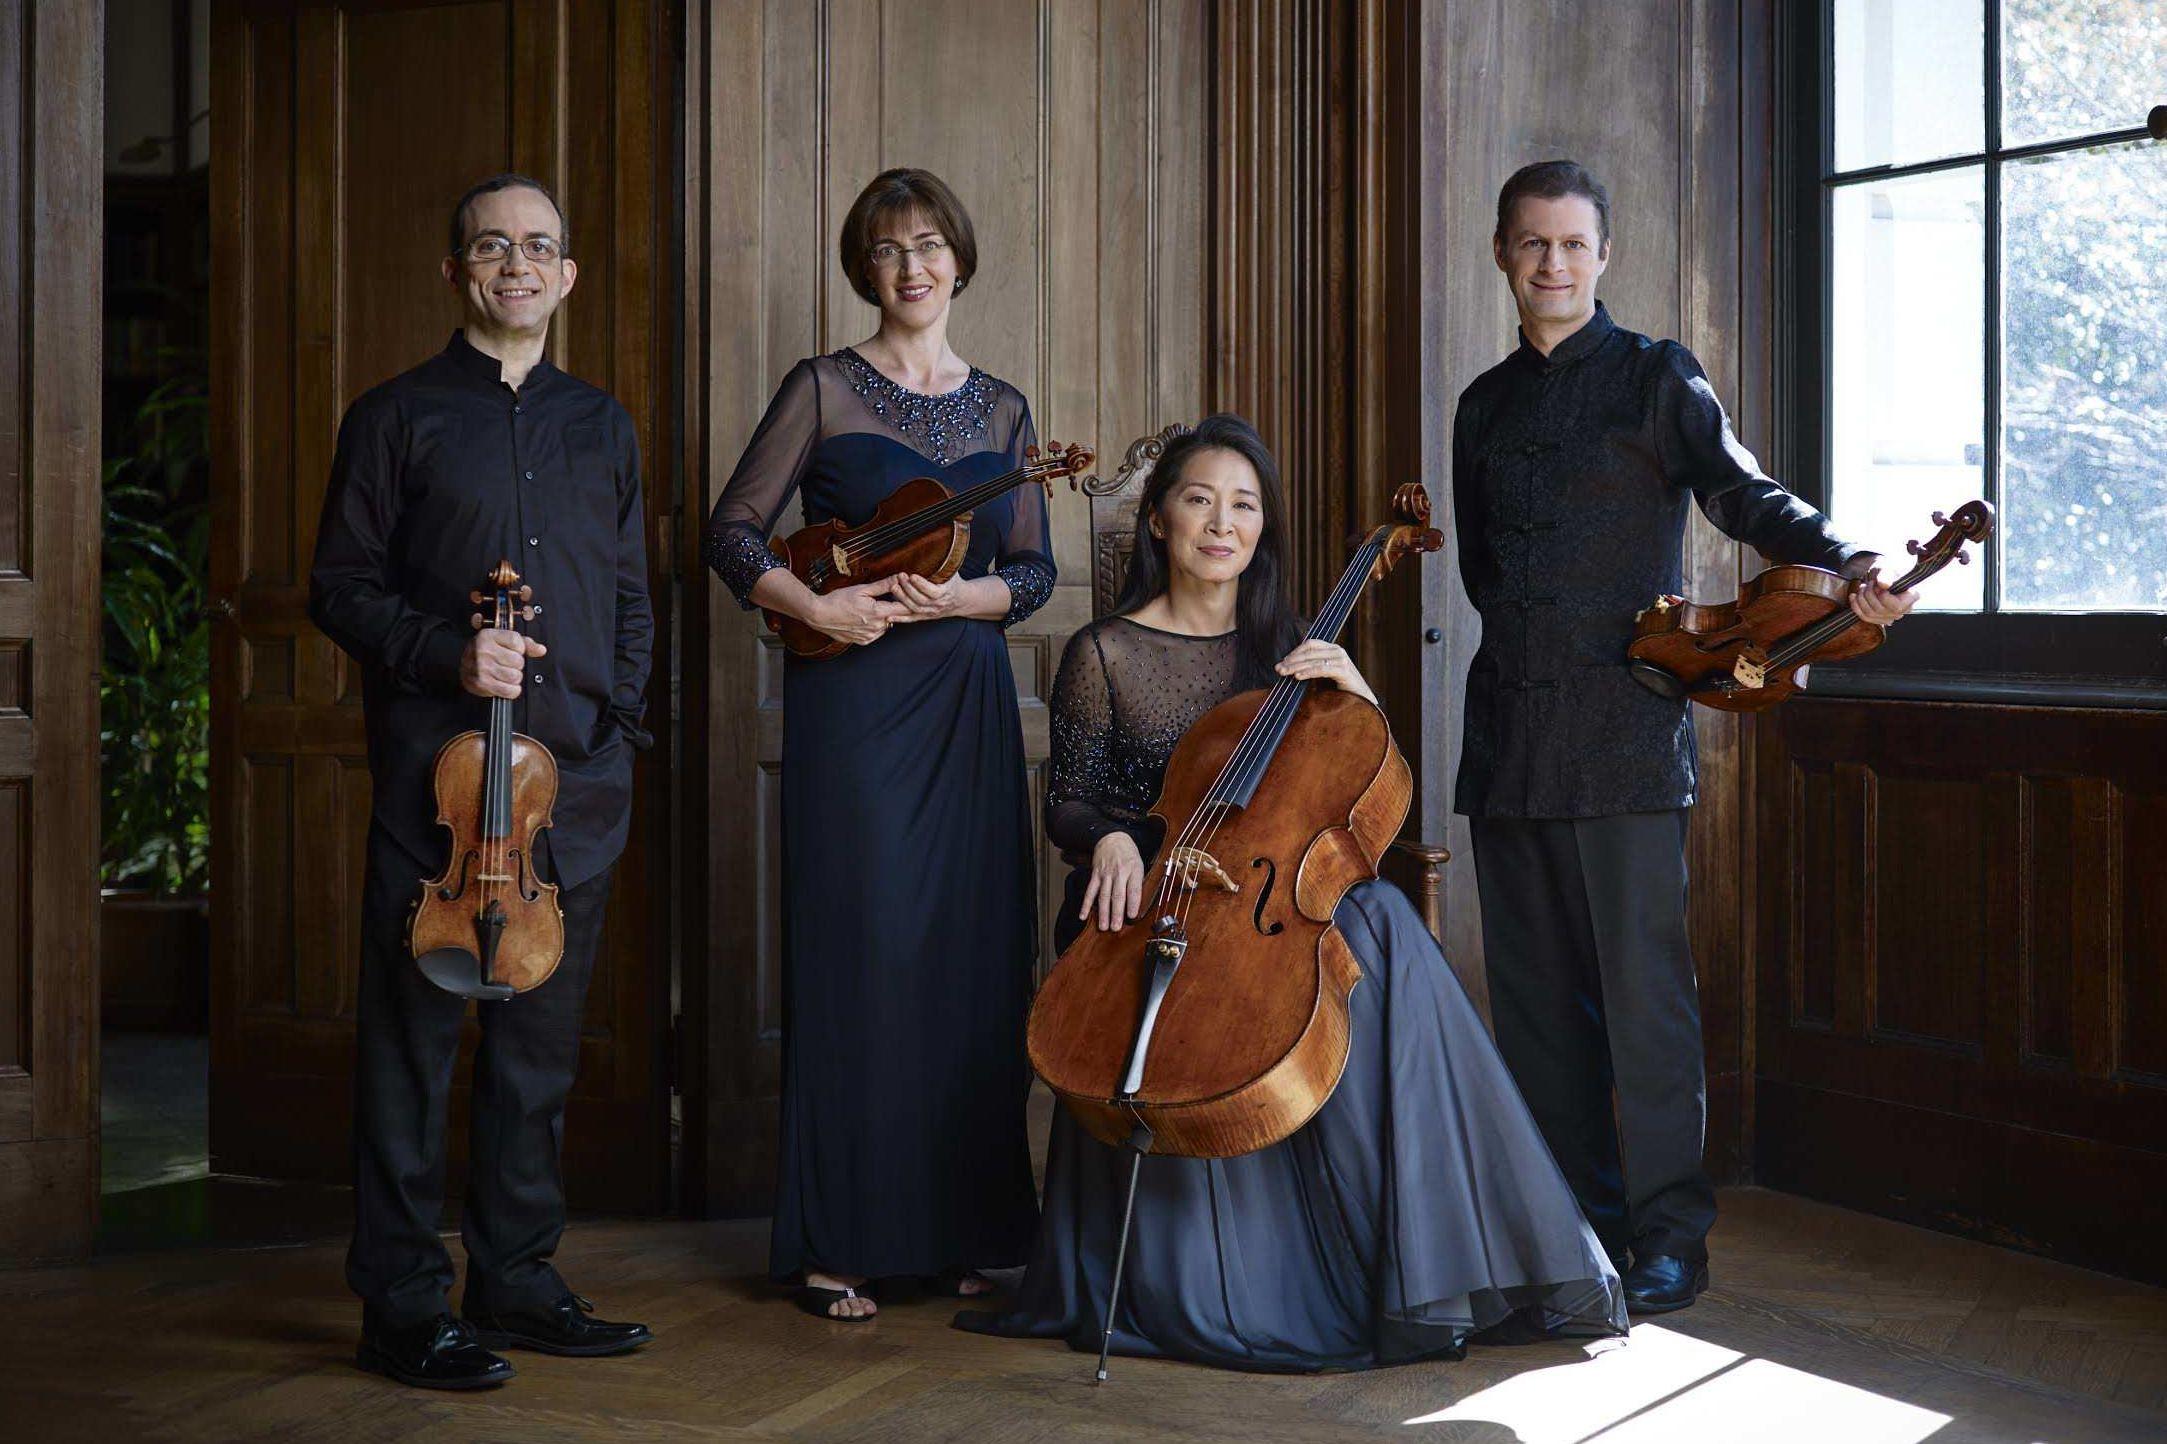 Brentano quartet by juergen frank 2016 12 b422ul